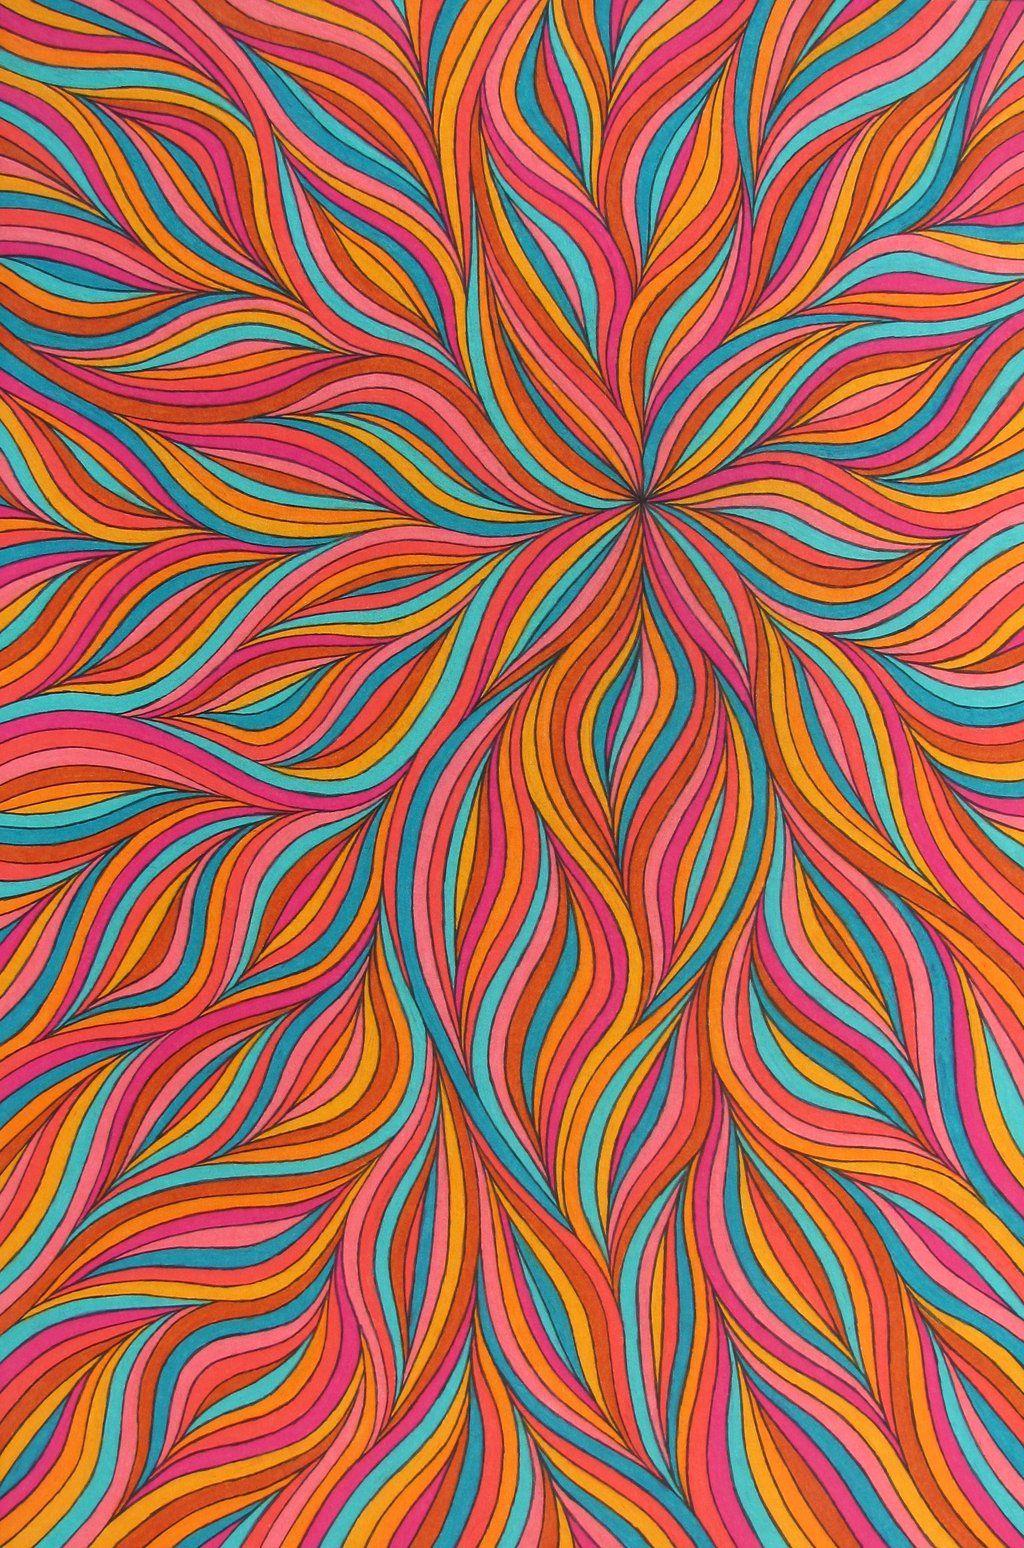 Spiral 14 By Kylewilcoxvisualart On Deviantart